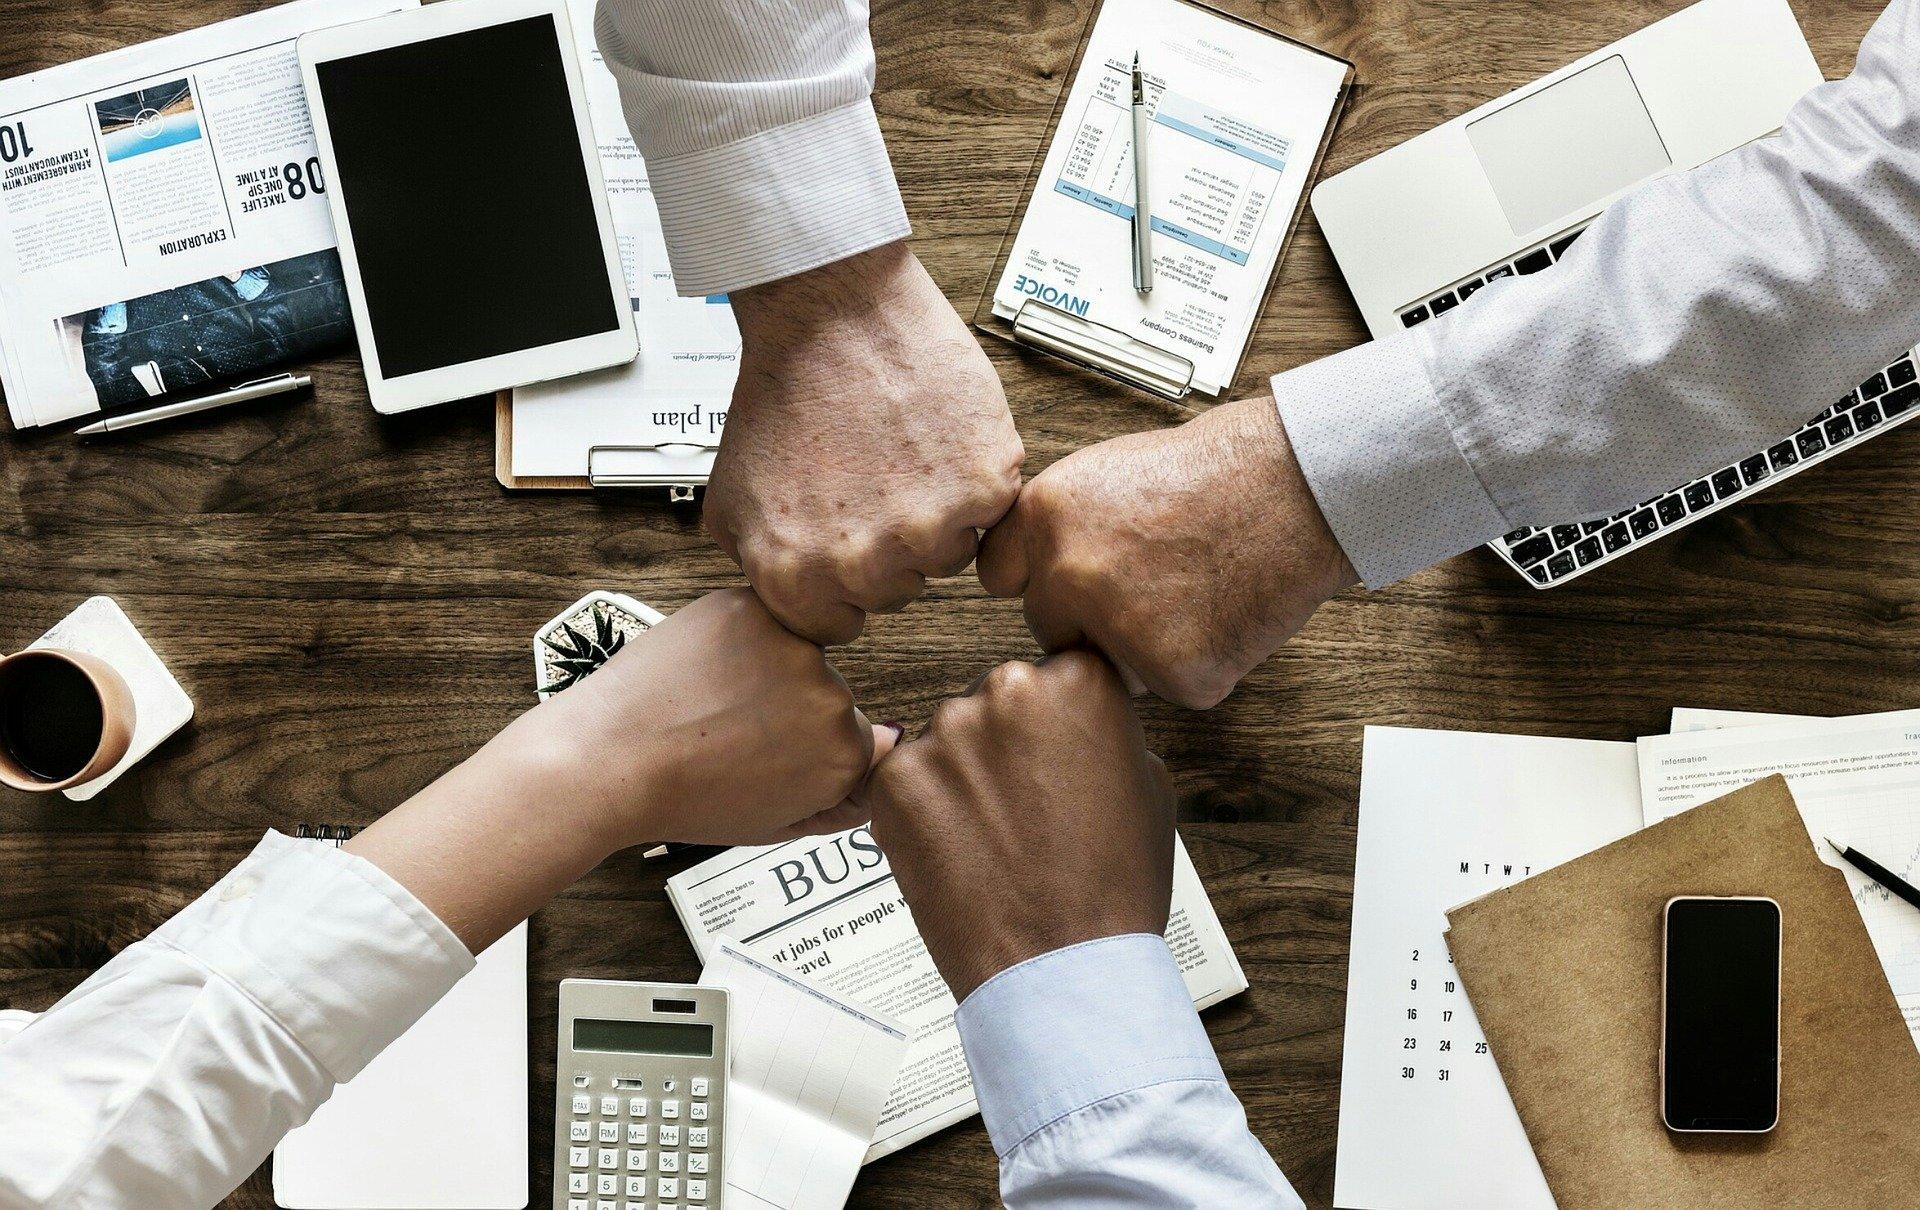 Ubezpieczenia Firm - Najlepsze Oferty Ubezpieczeniowe Usługeo do usług